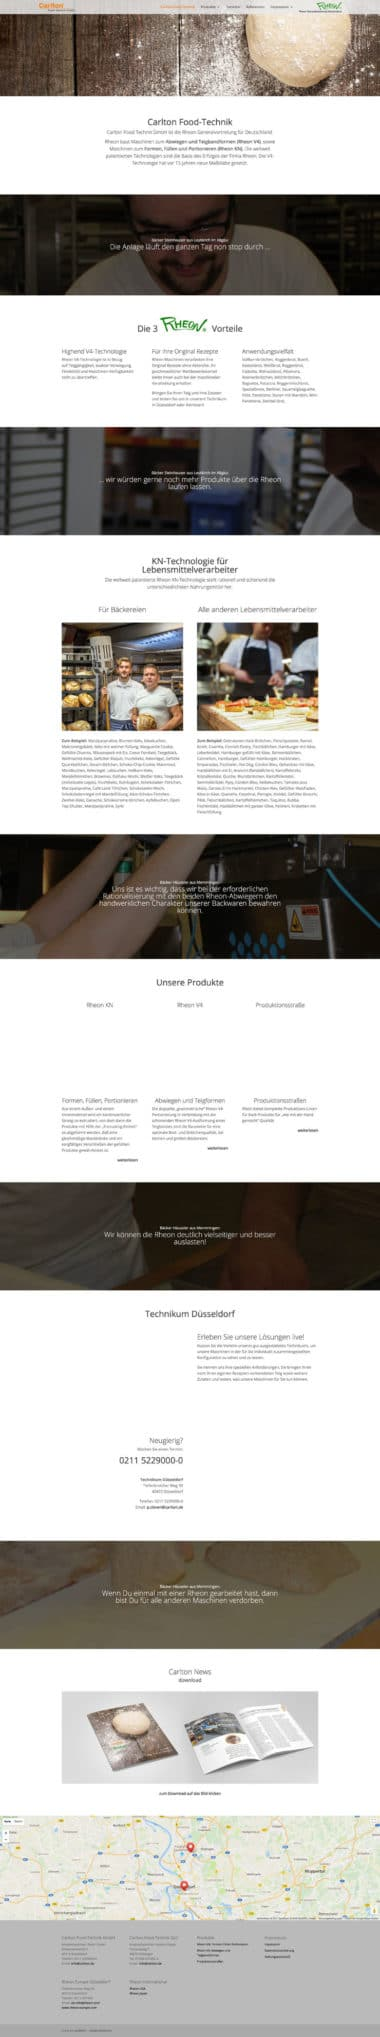 Carlton Food Technik - Beispiel Webdesign für Handel